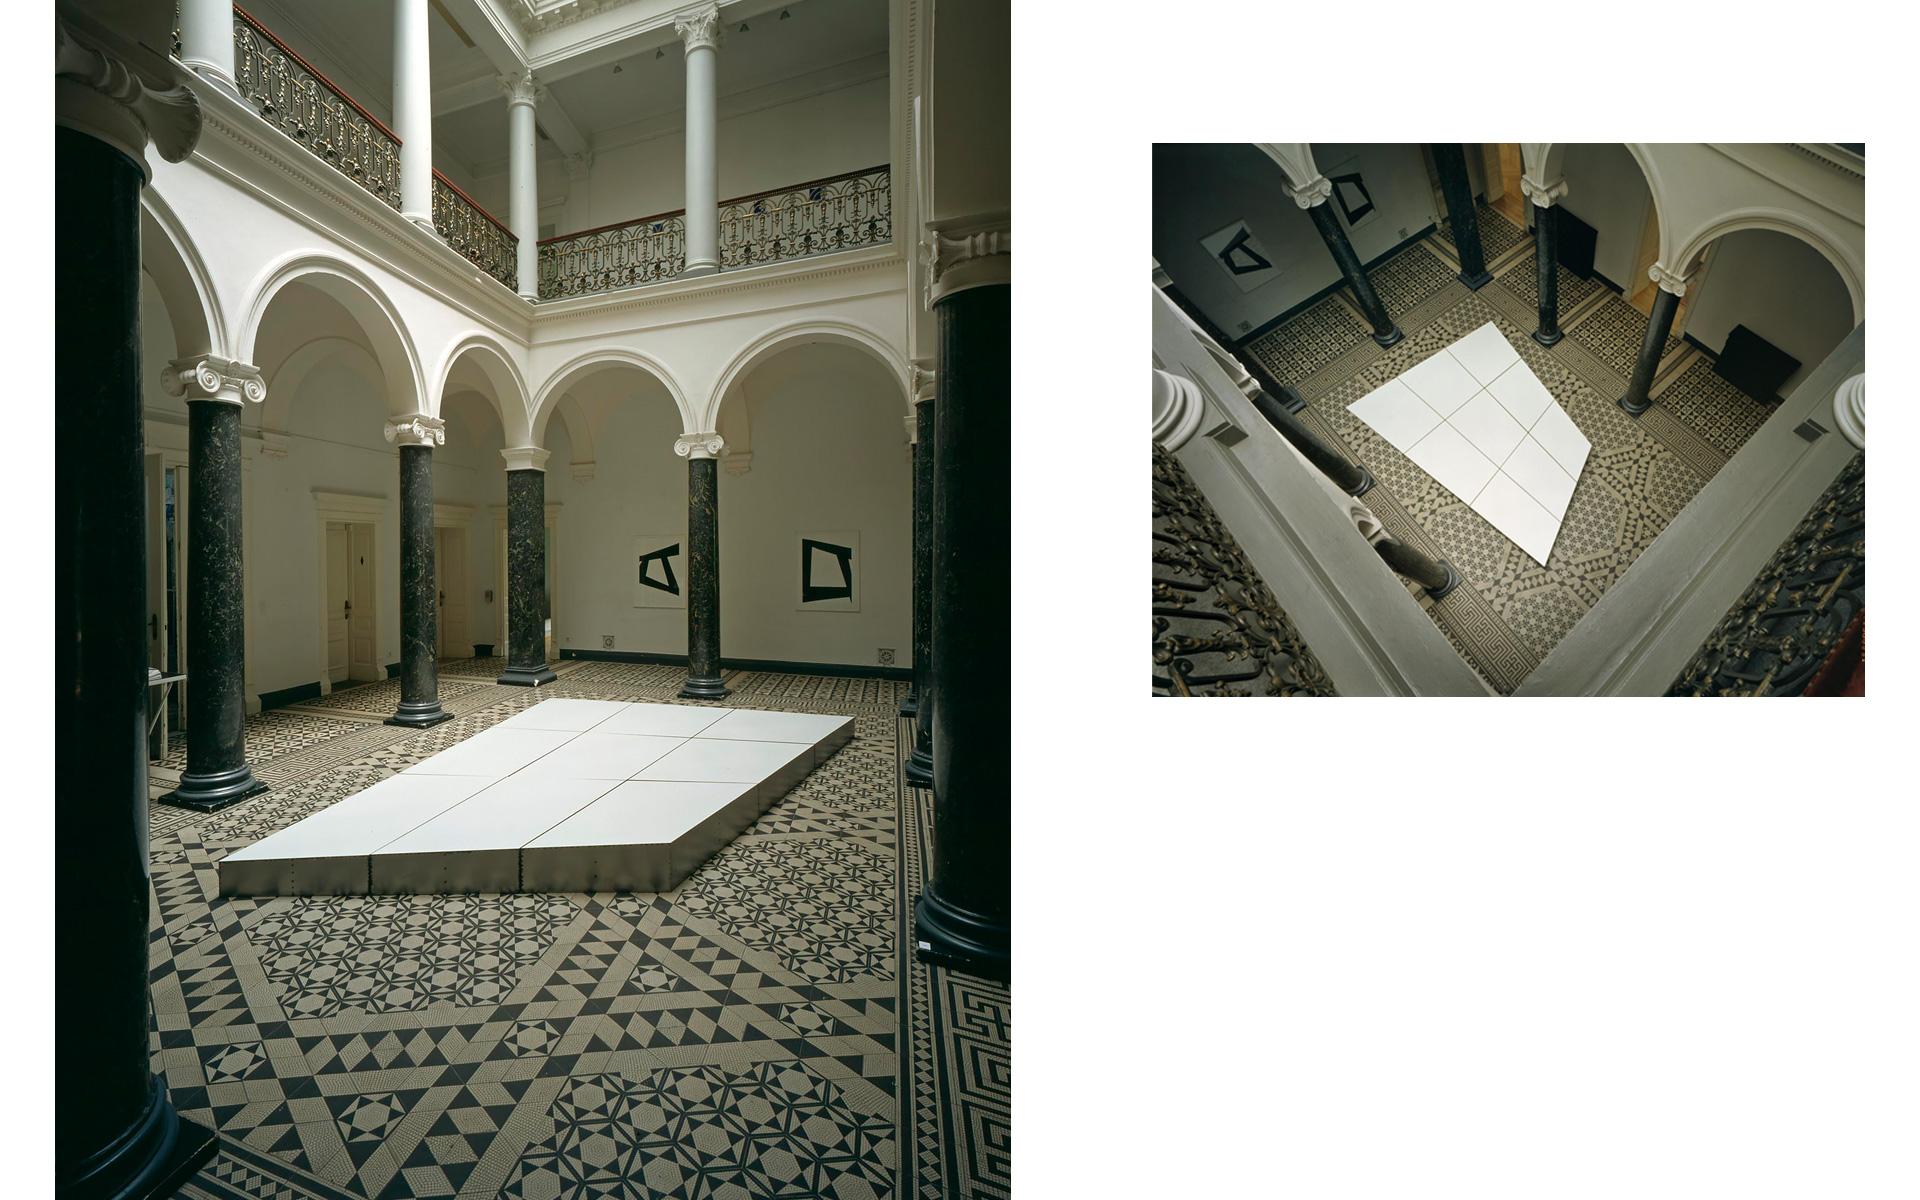 Installation views Esslinger Kunstverein, Villa Merkel, Esslingen, 1999 - Photos: Christoph Valentien